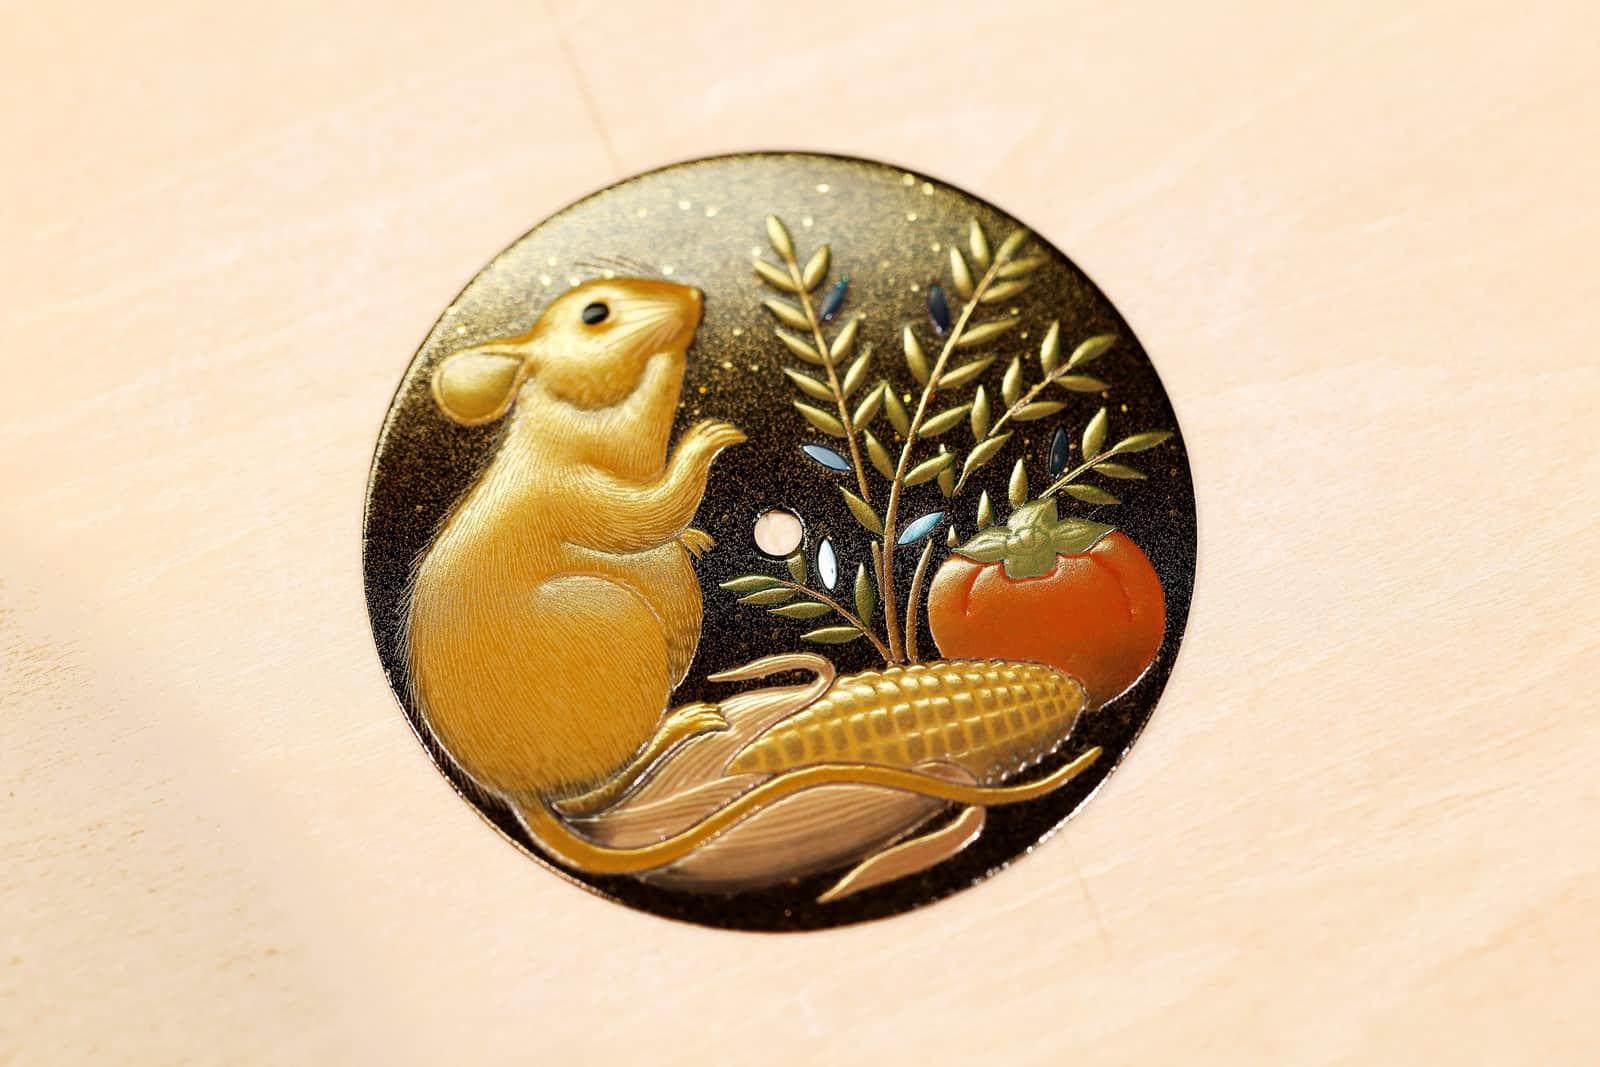 L.U.C Xp Urushi Year Of The Rat Sơn Mài, Niềm Lạc Quan Và Thịnh Vượng 5